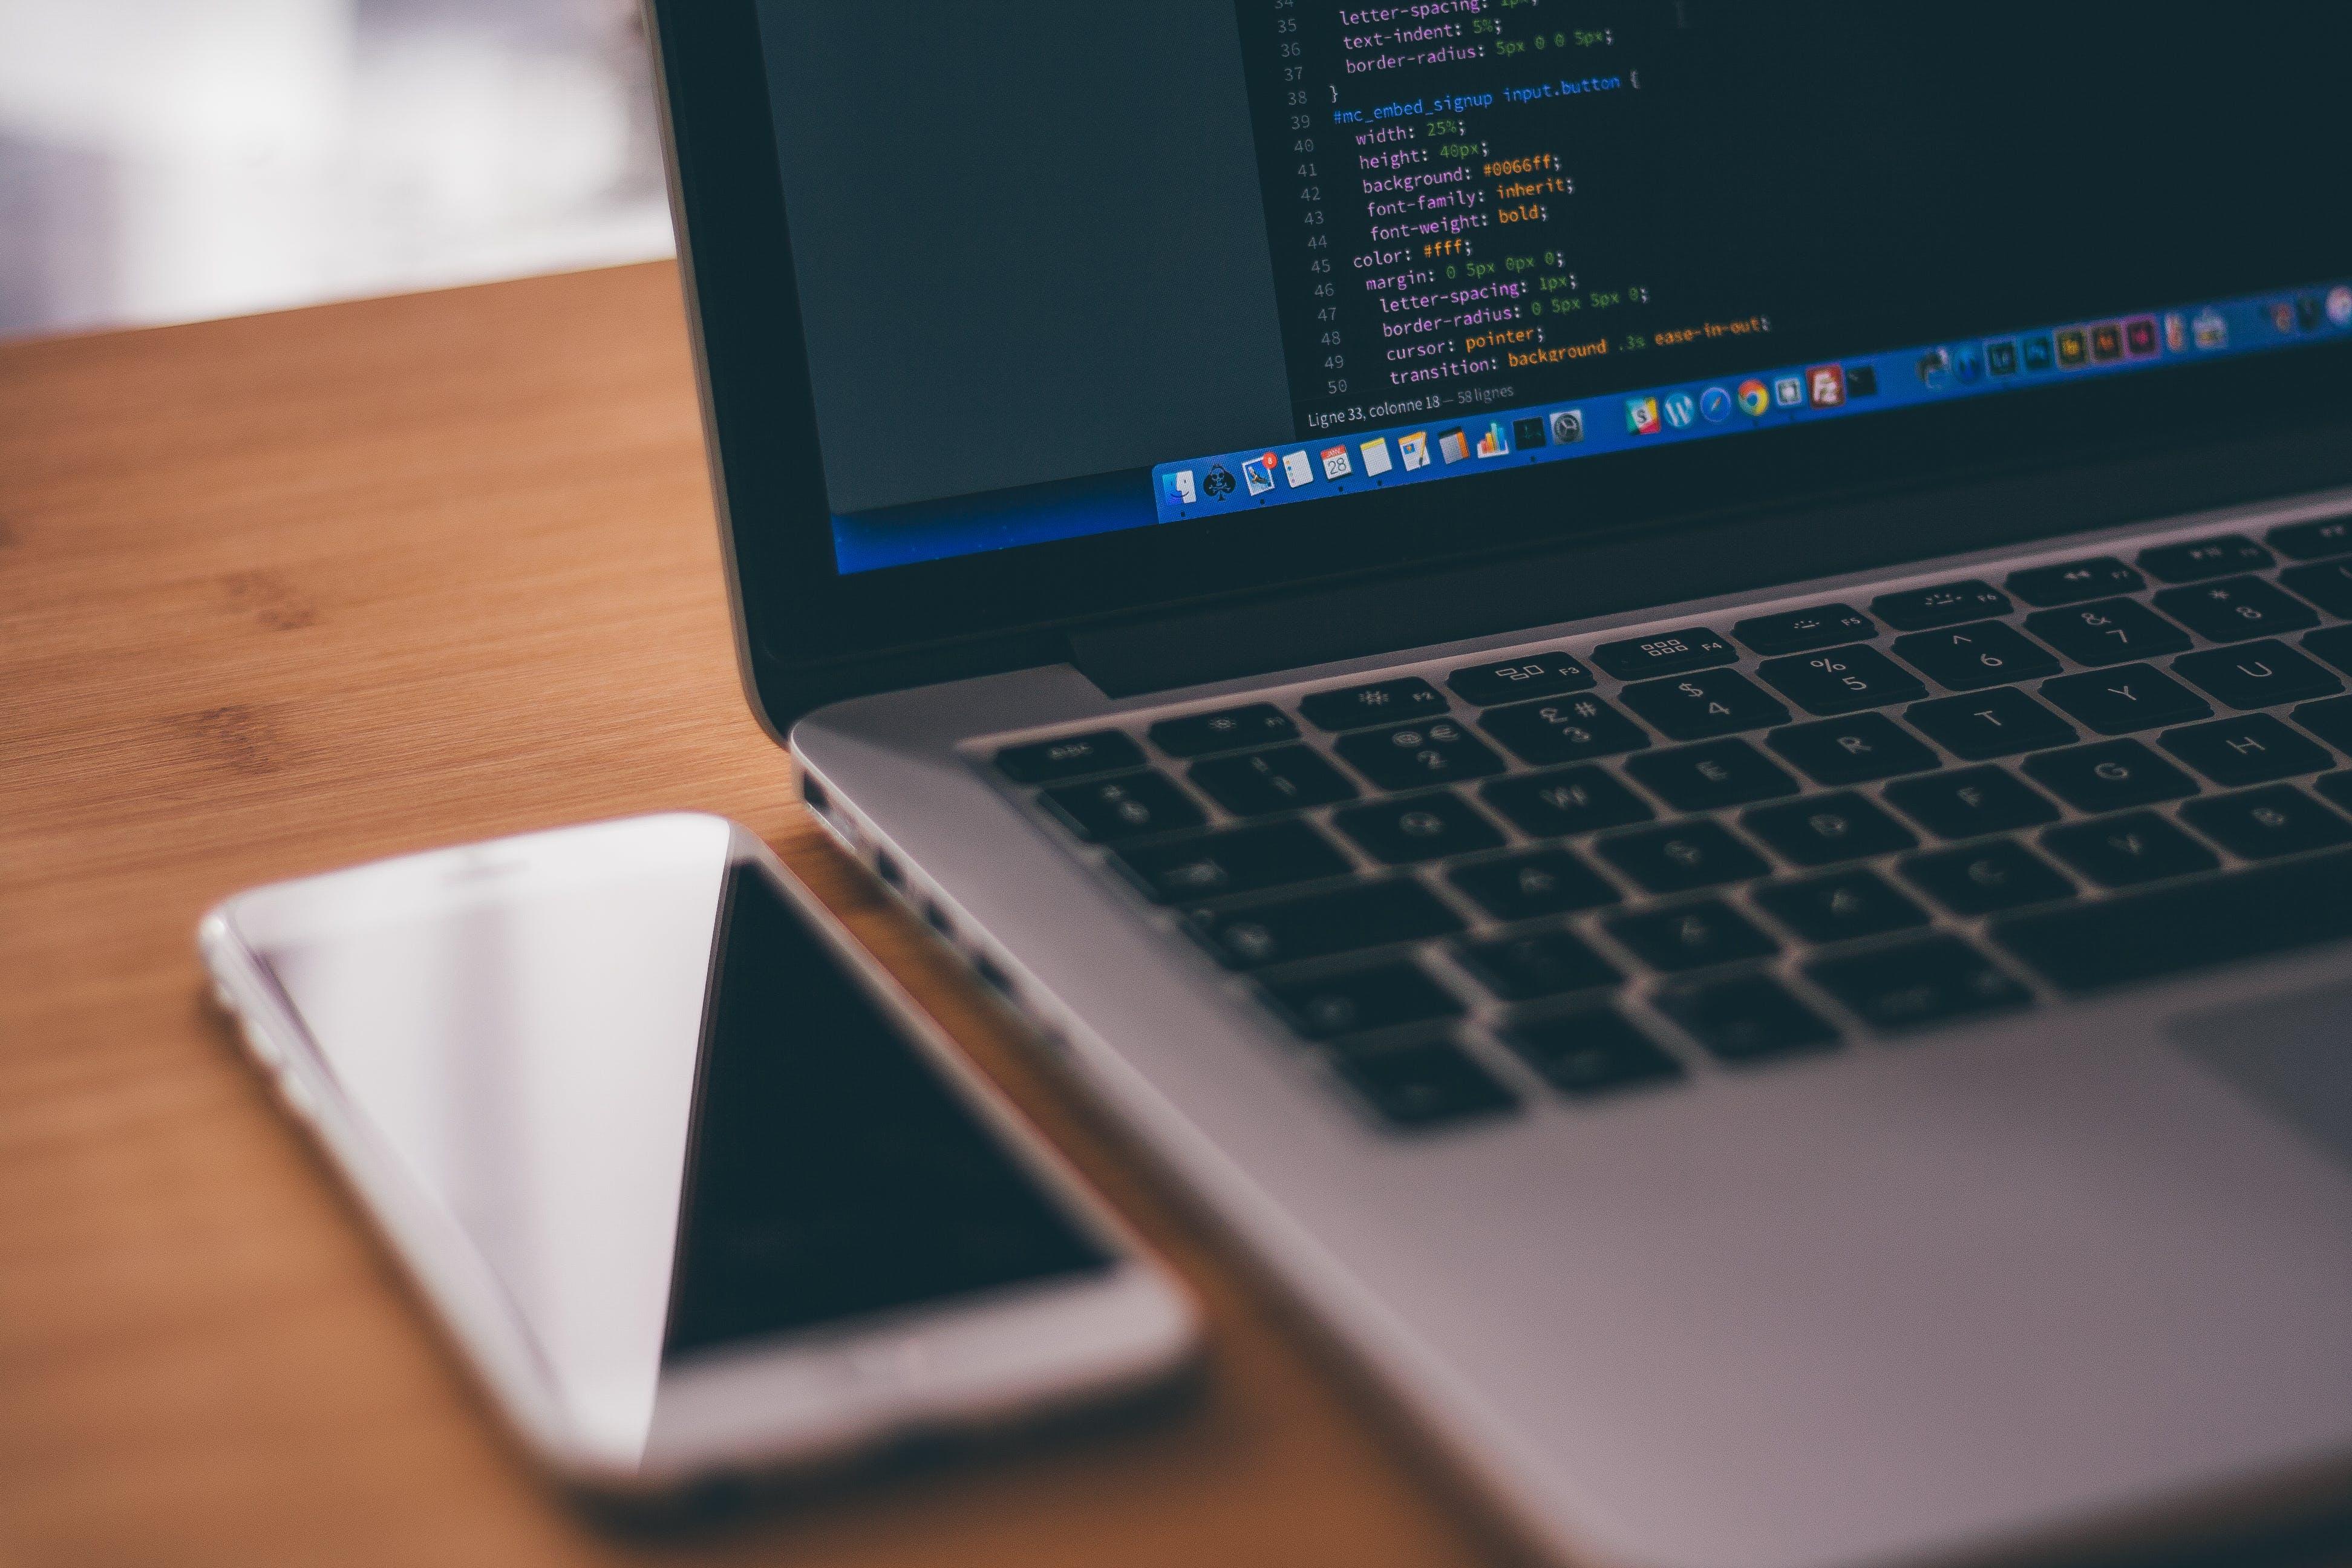 Fotos de stock gratuitas de codificando, datos, electrónica, escribiendo en un blog